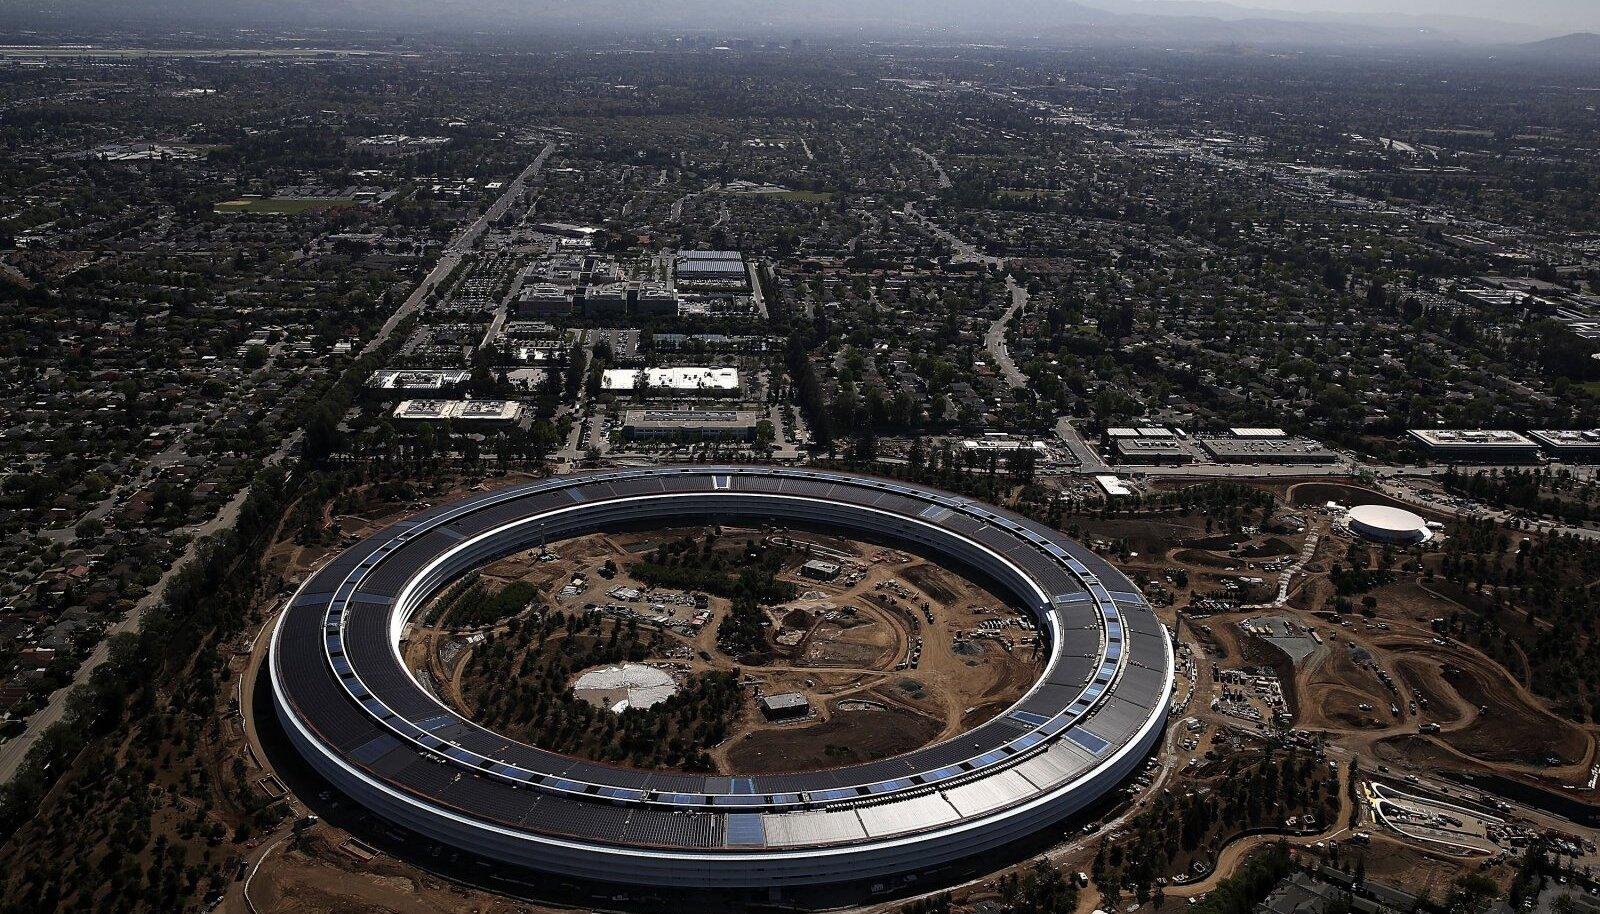 Apple`i uus peakorter eelmisel aastal ehitustööde ajal.